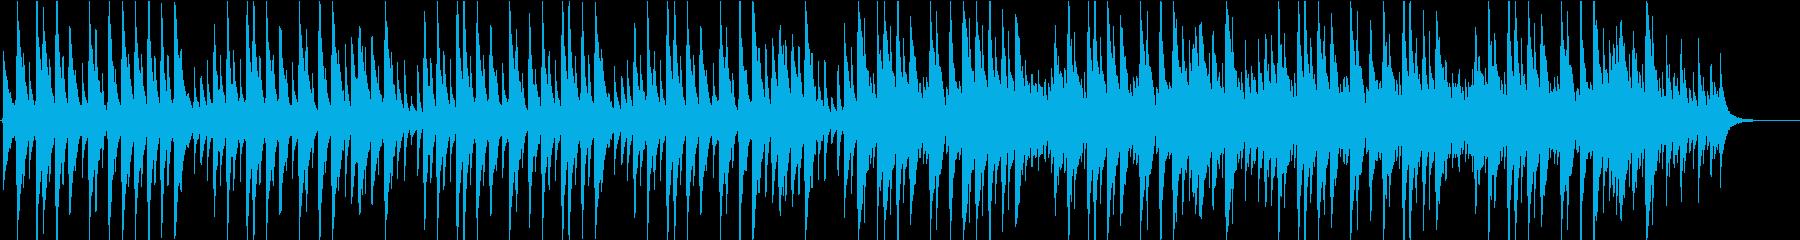 蛍の光のオルゴールバージョンですの再生済みの波形